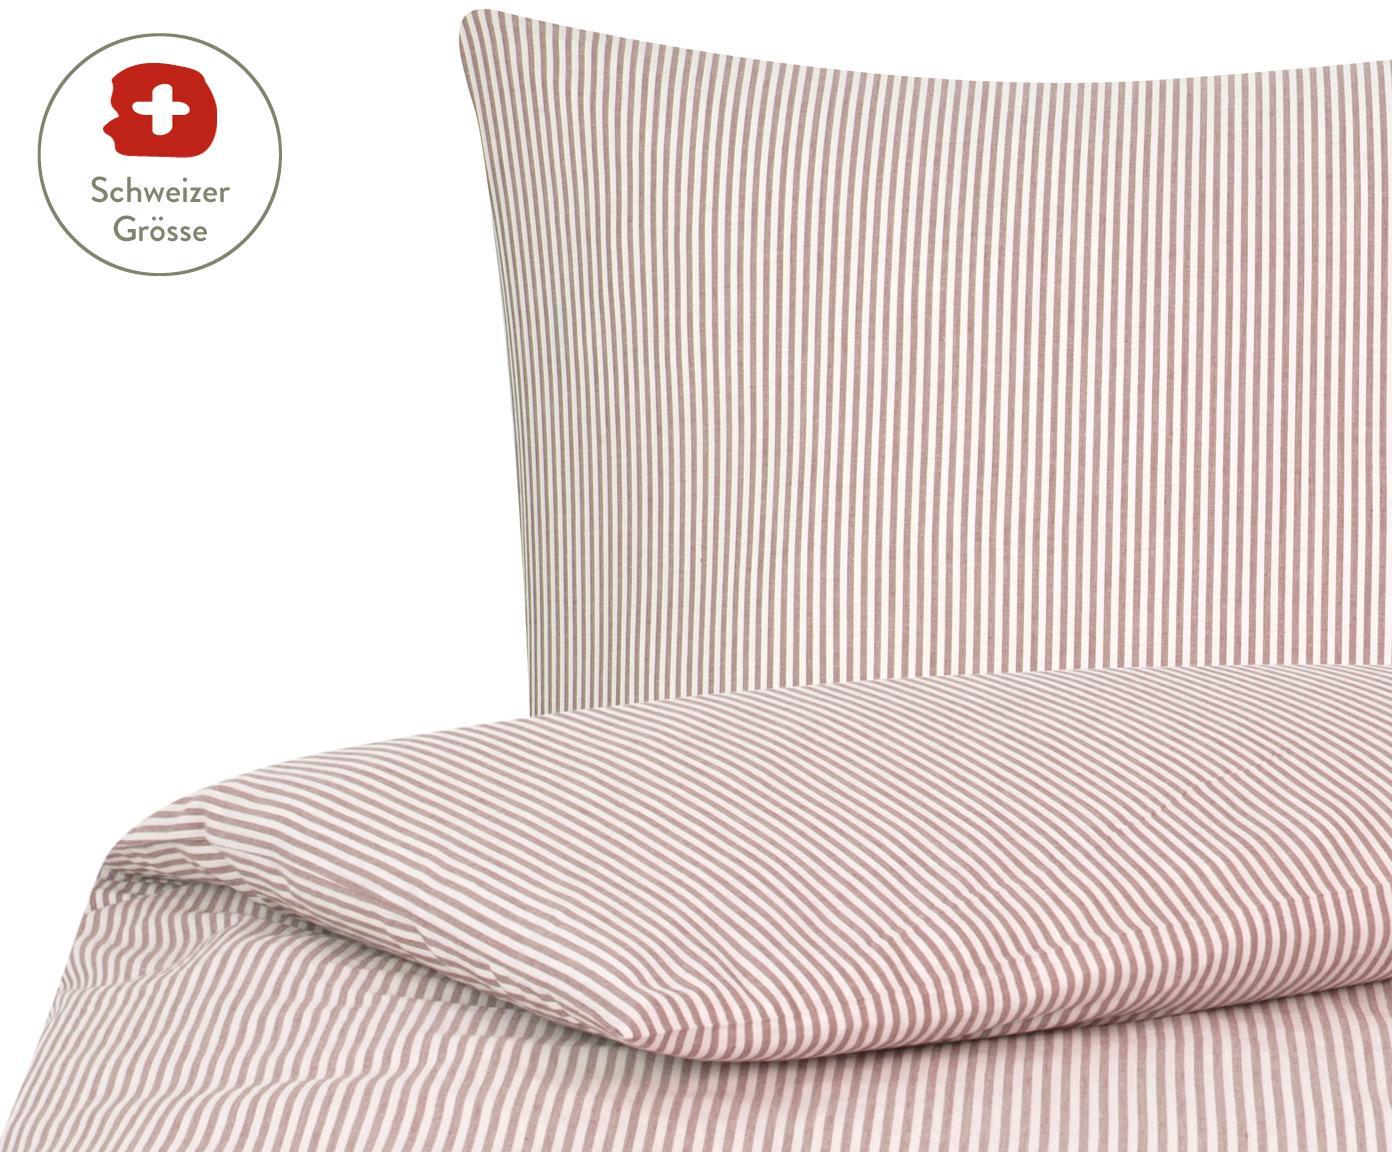 Baumwoll-Bettdeckenbezug Ellie, fein gestreift, Webart: Renforcé, Weiss, Rot, 160 x 210 cm